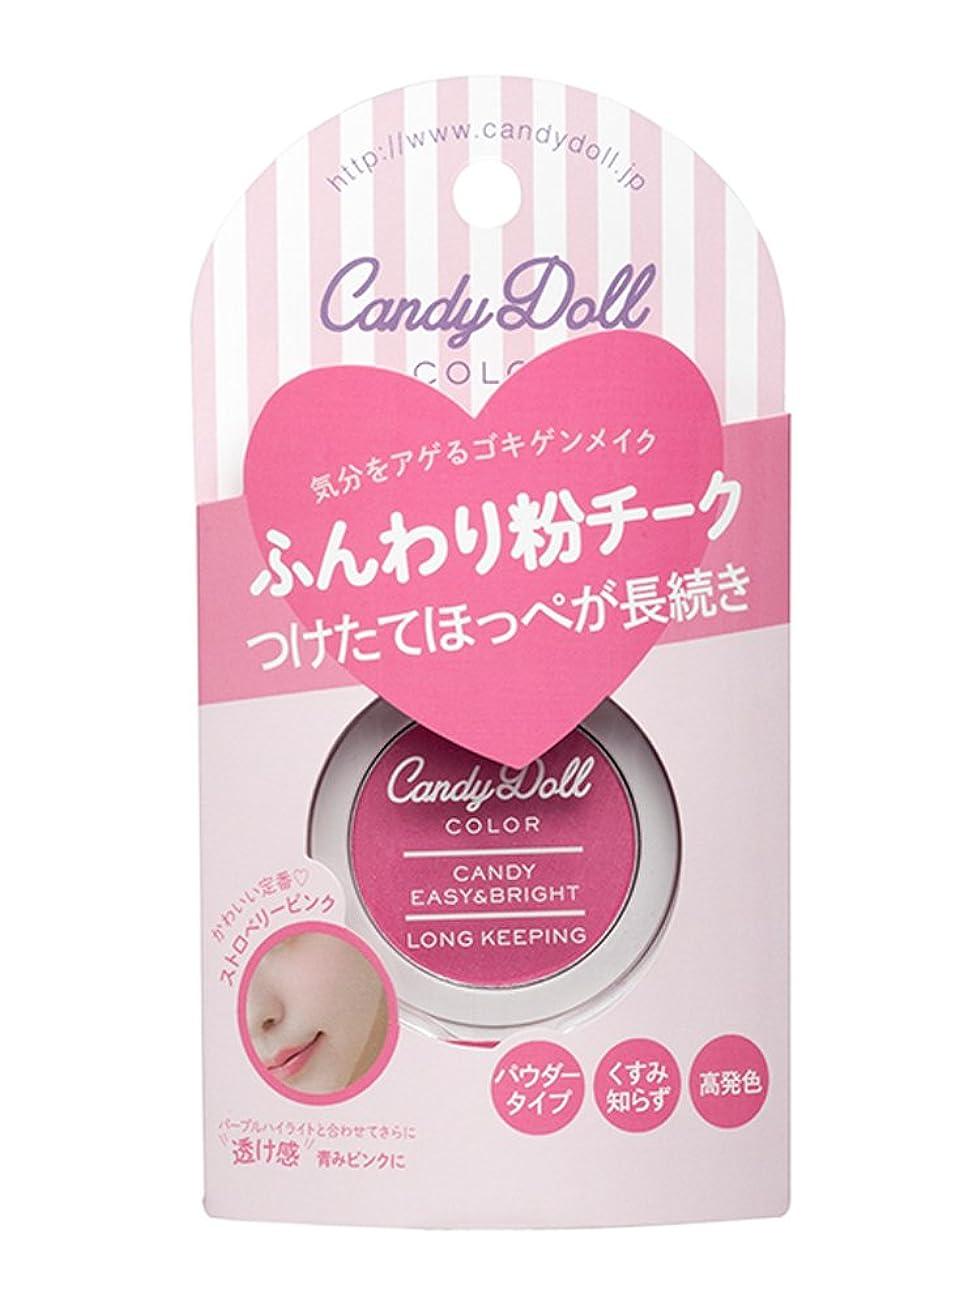 増強するシリアル傾向CandyDoll キャンディパウダーチーク<ストロベリーピンク>